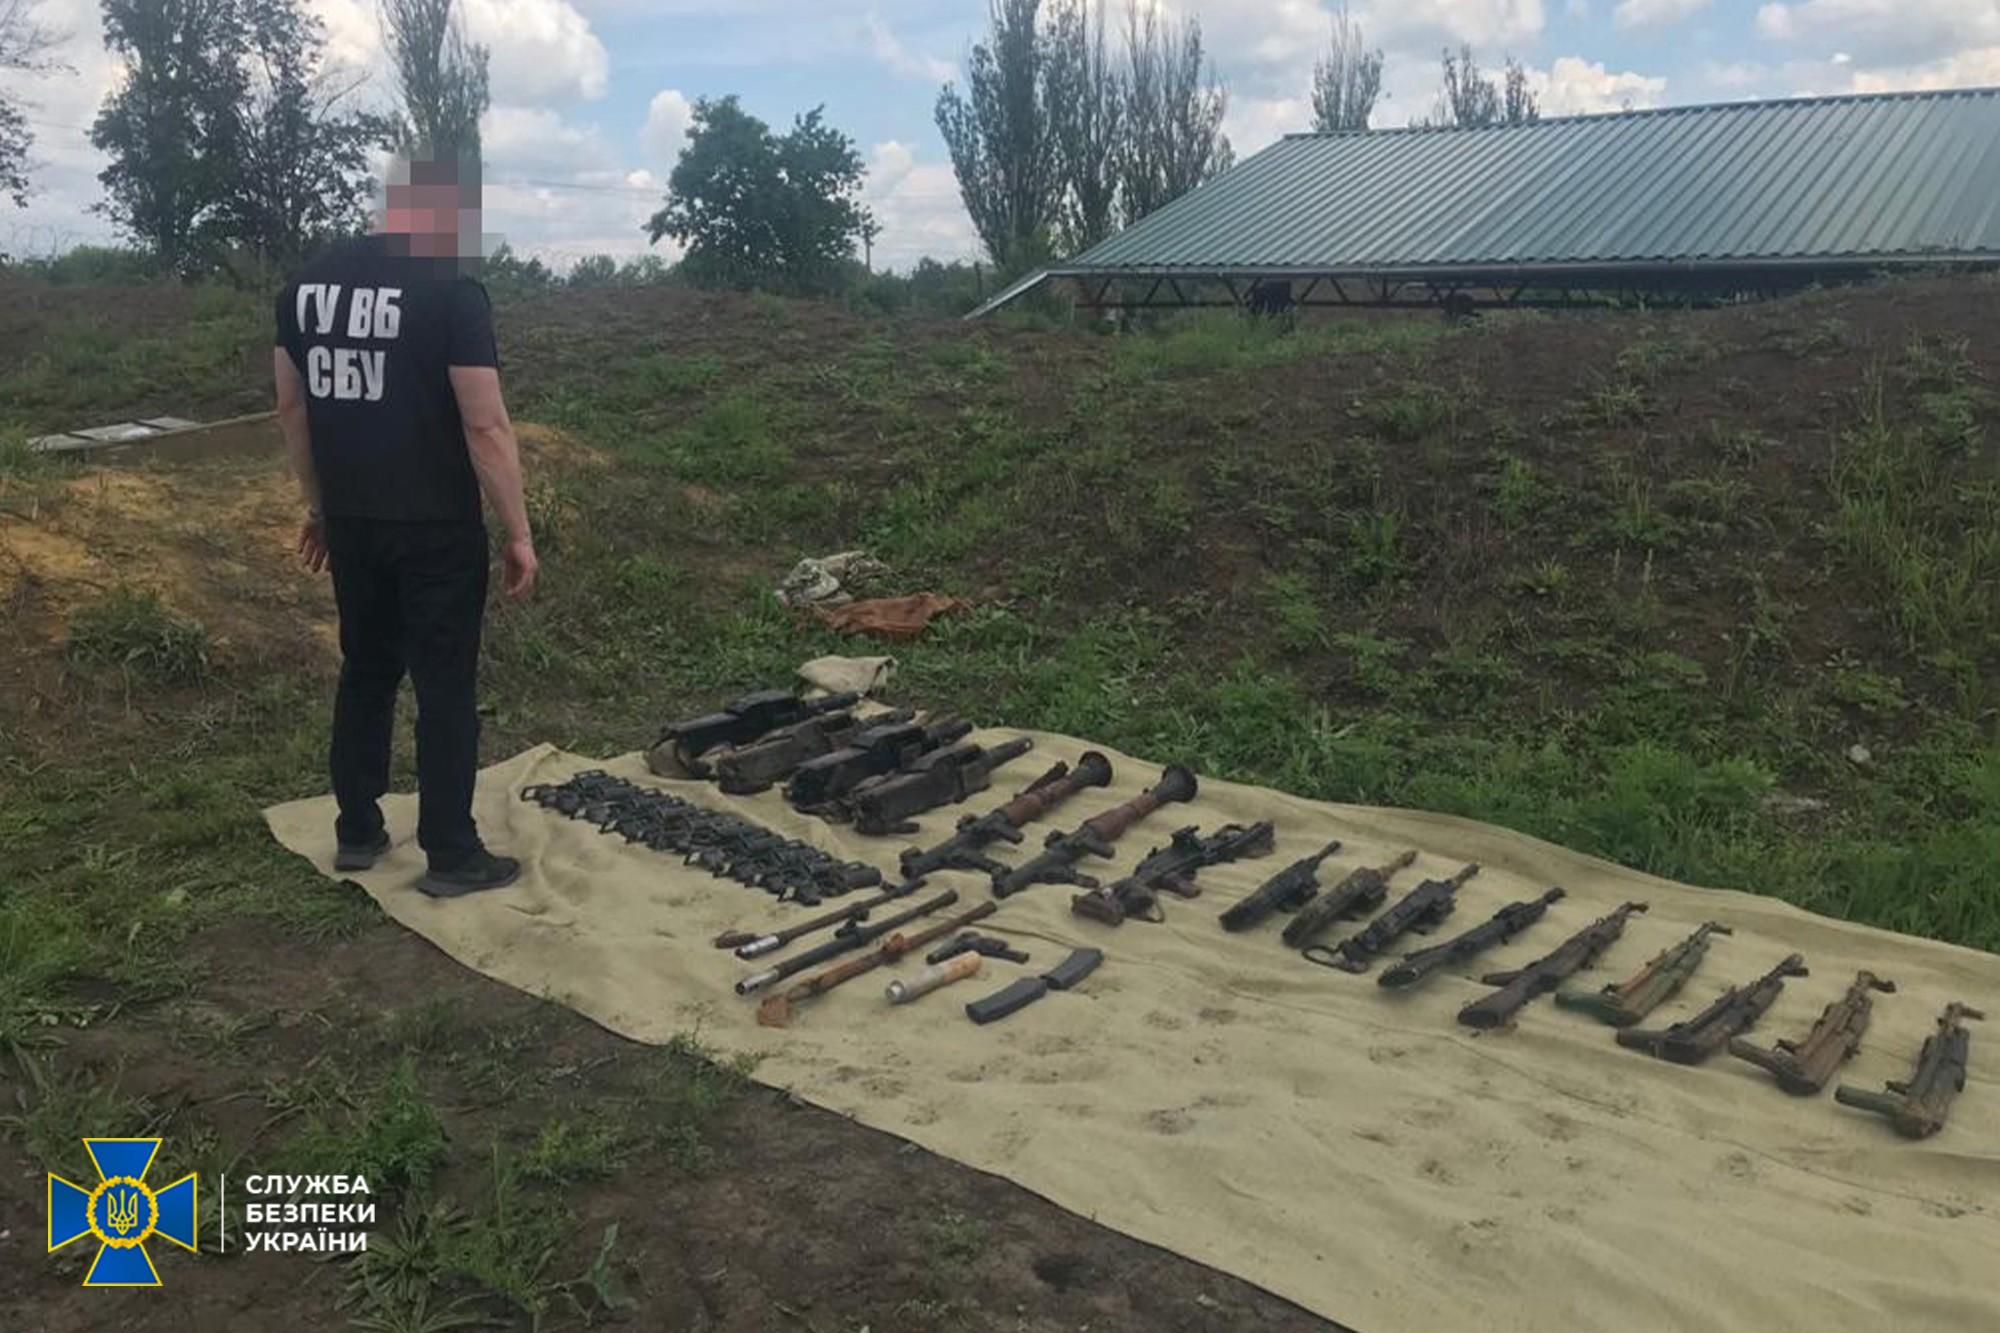 СБУ разоблачила военнослужащих ВСУ на попытке сбыта похищенного оружия из их воинской части